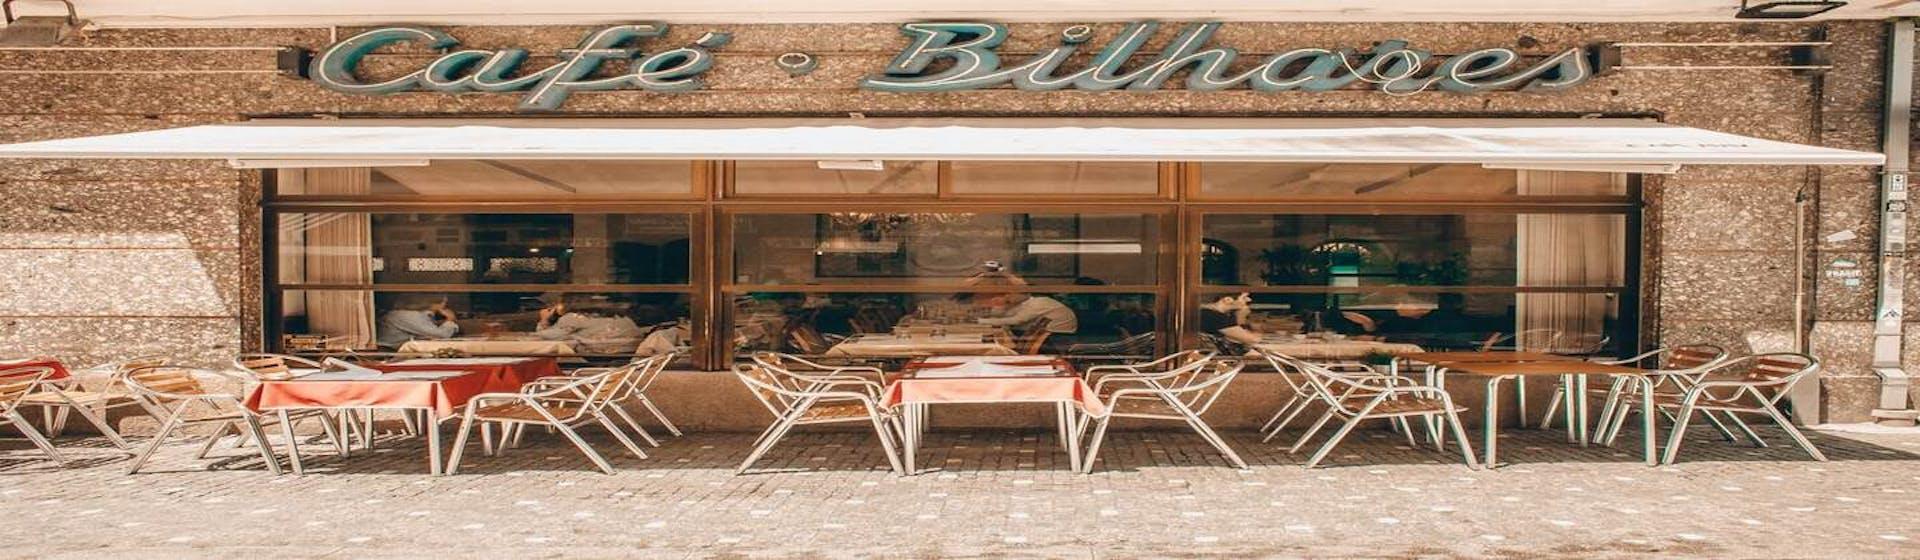 +70 ideas de slogan para una cafetería que atraerán a nuevos clientes